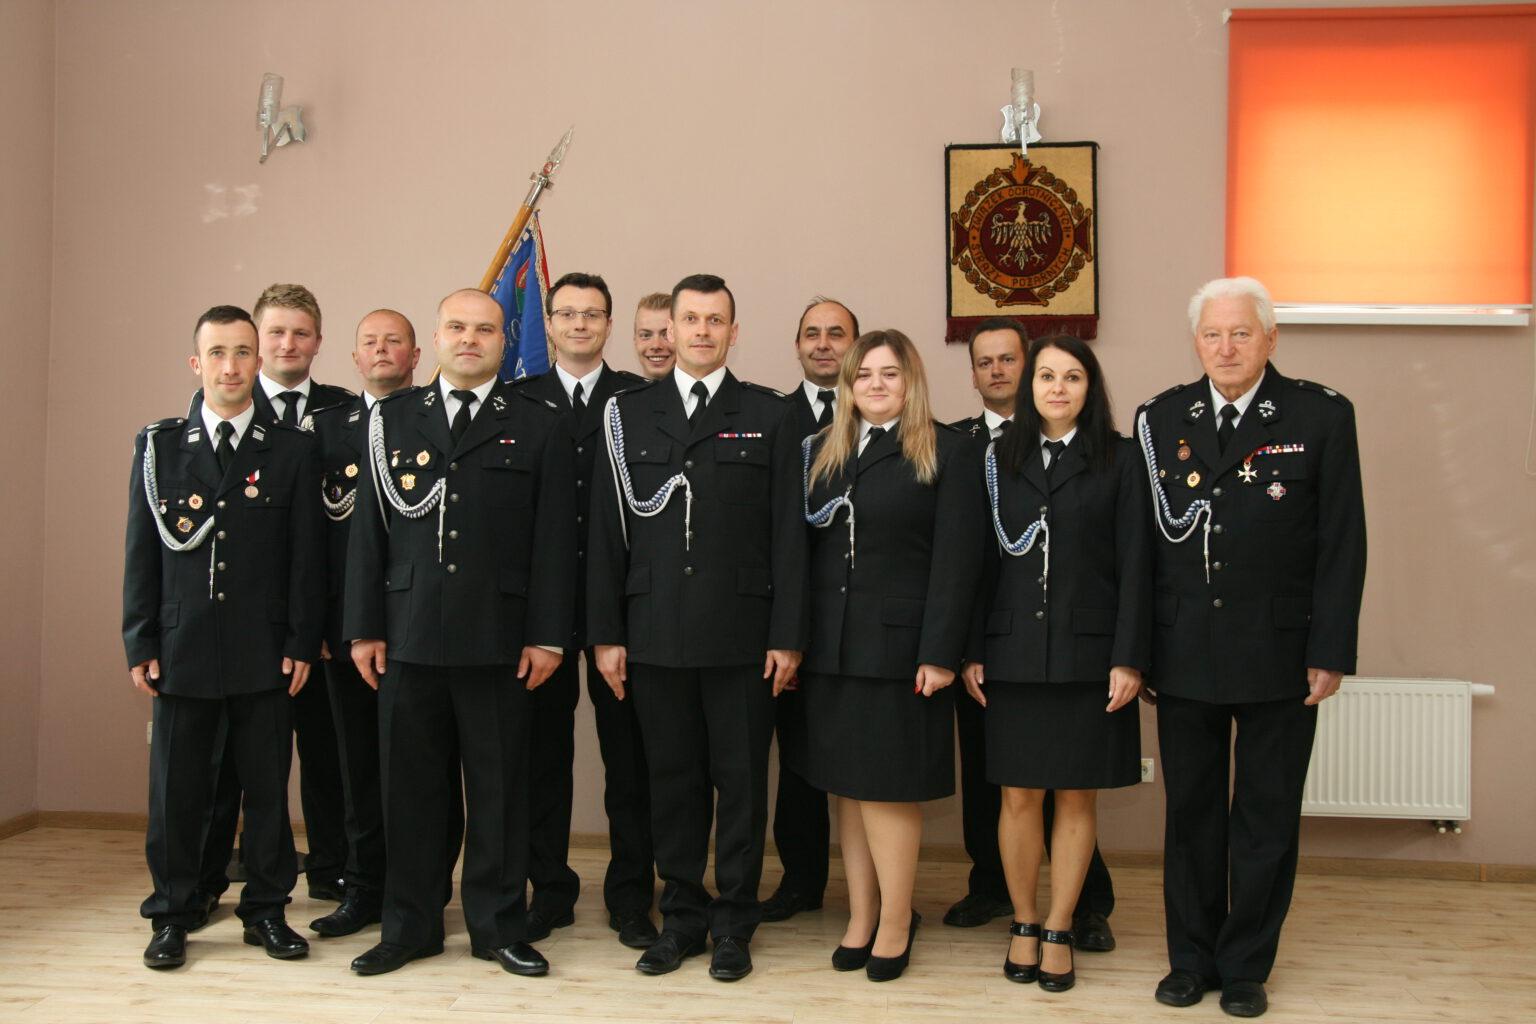 Zdjęcie przedstawiające nowowybrany zarząd OSP Limanowa